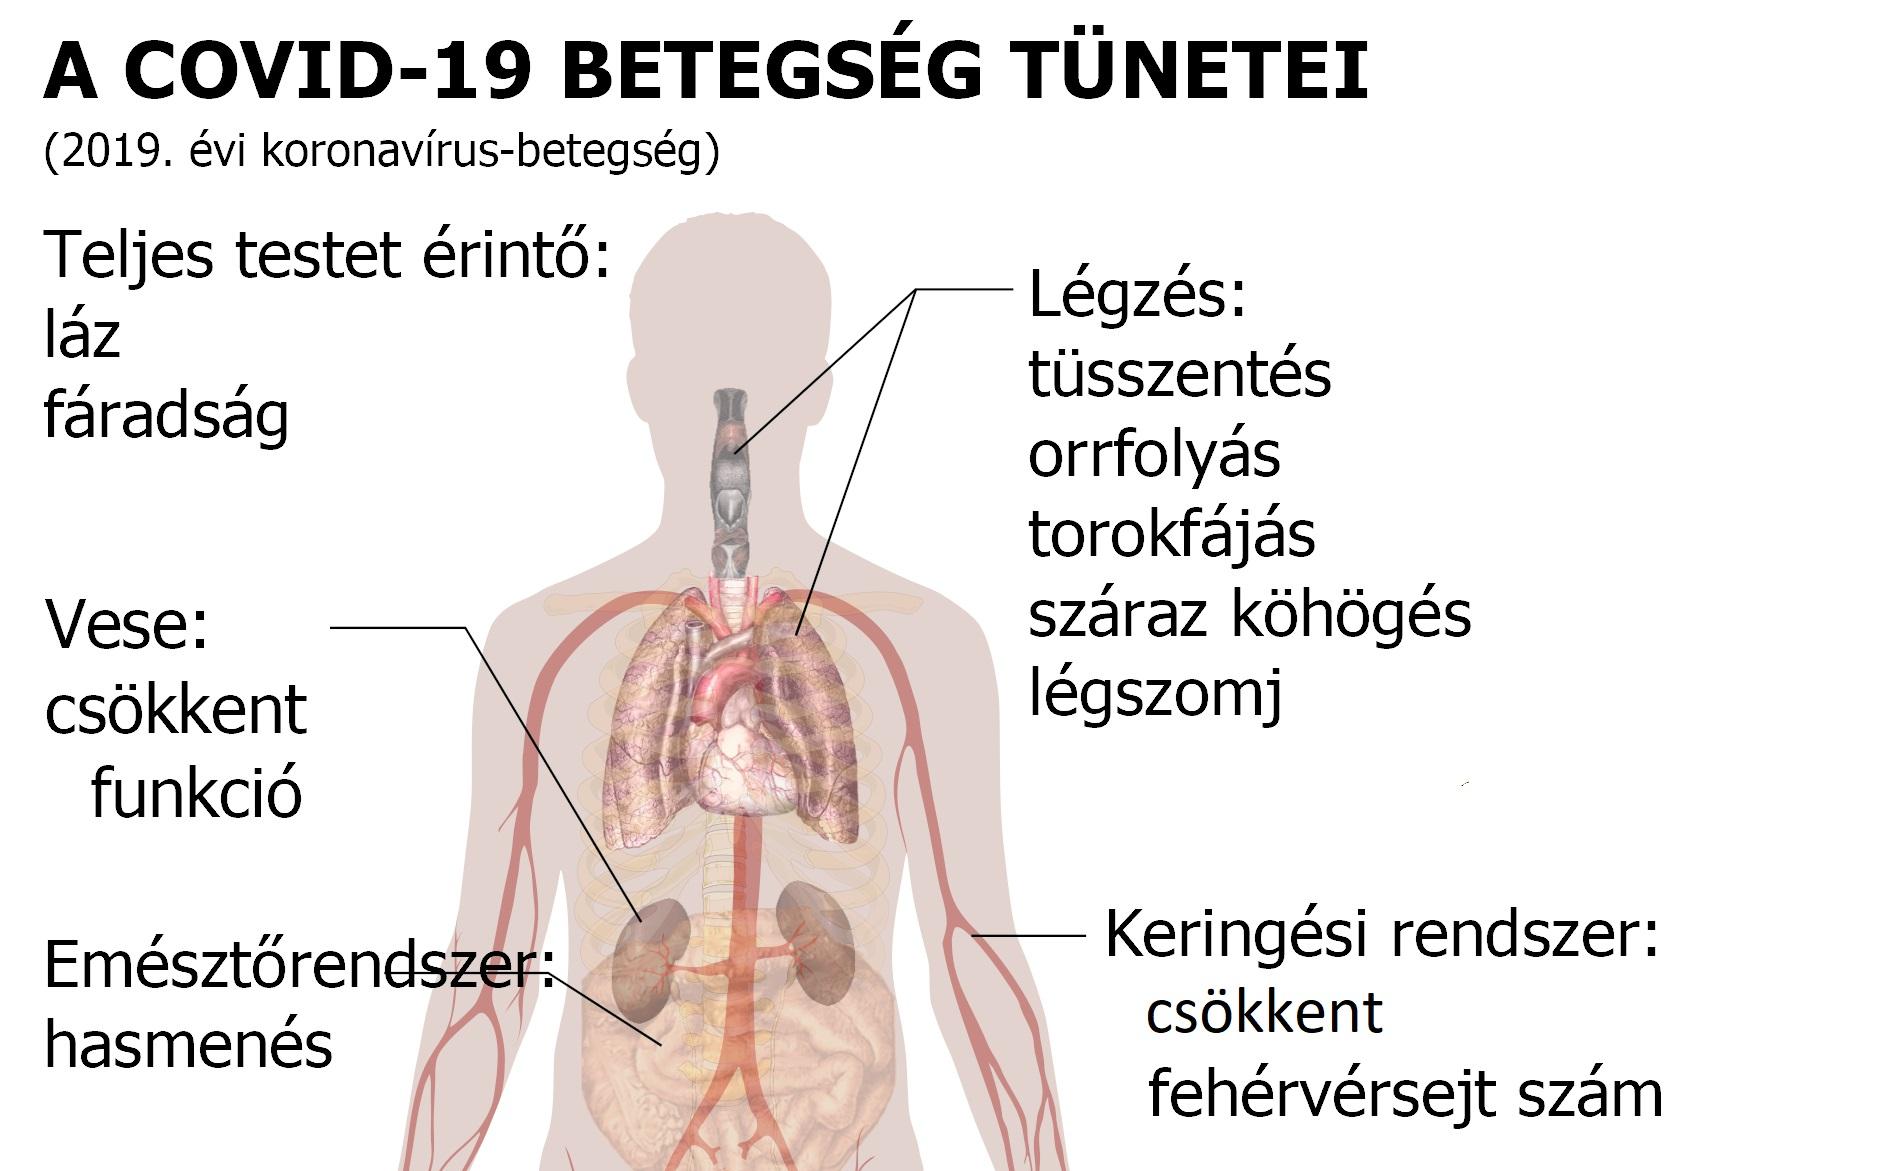 Nincs félnivalójuk a magas vérnyomásos betegeknek | Magyar Nemzet